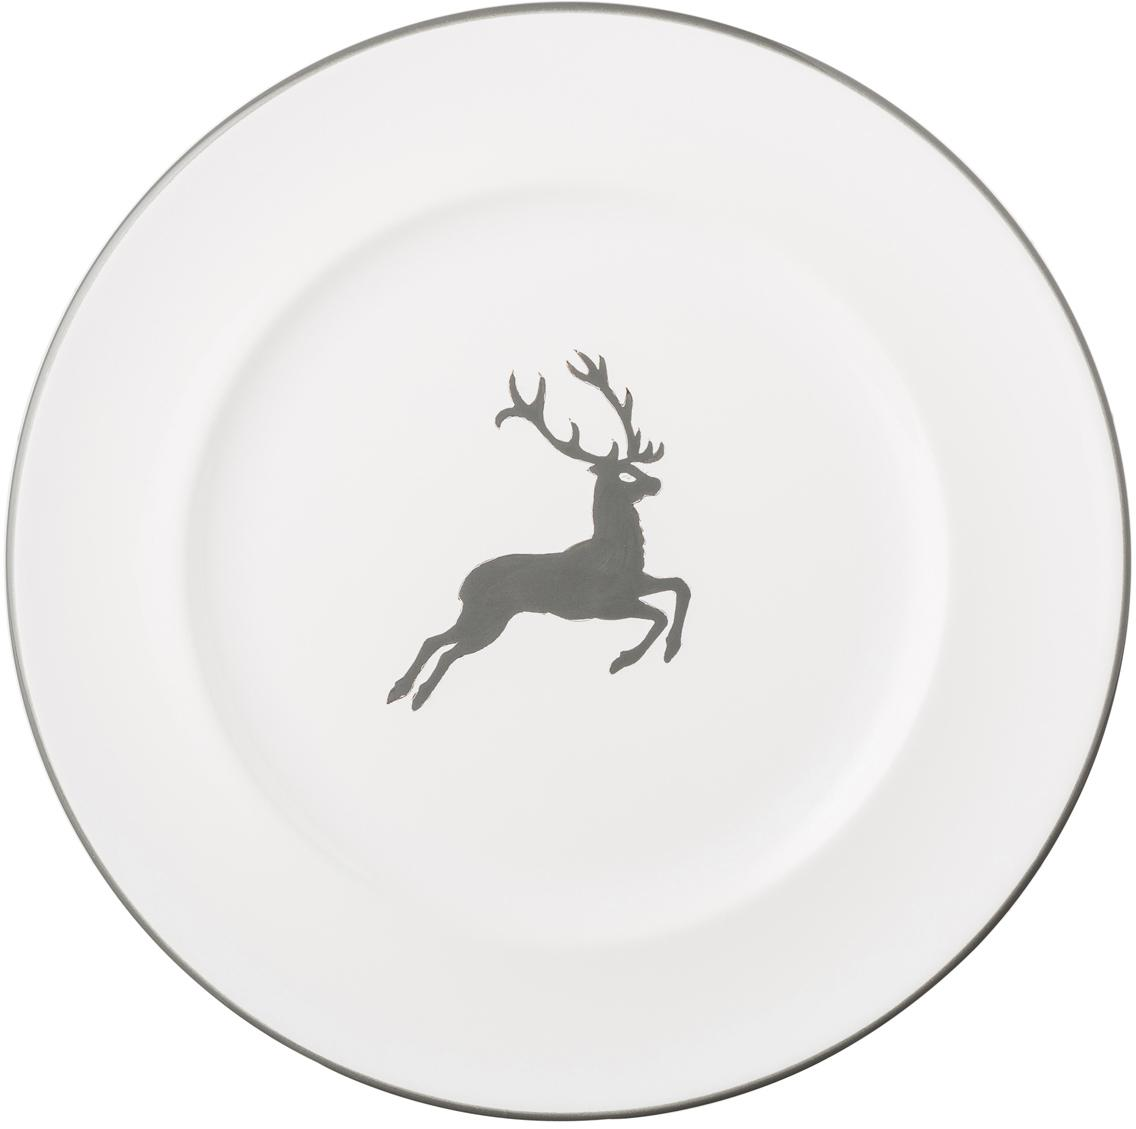 Handbemalter Speiseteller Gourmet Grauer Hirsch, Keramik, Grau,Weiß, Ø 27 cm